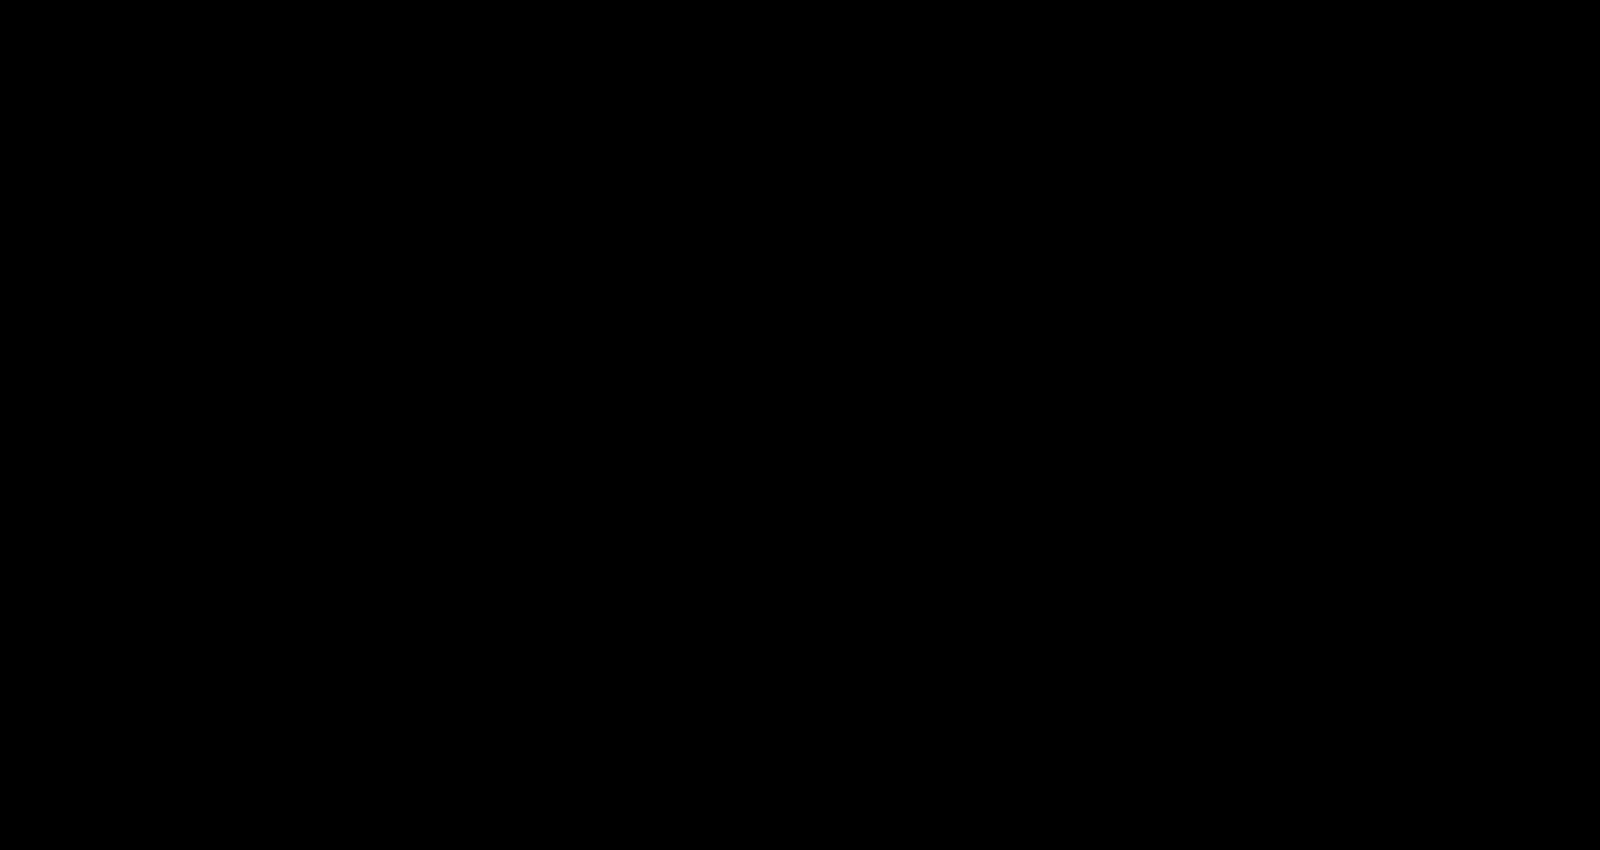 Logo Telkomsel Terbaru Hitam